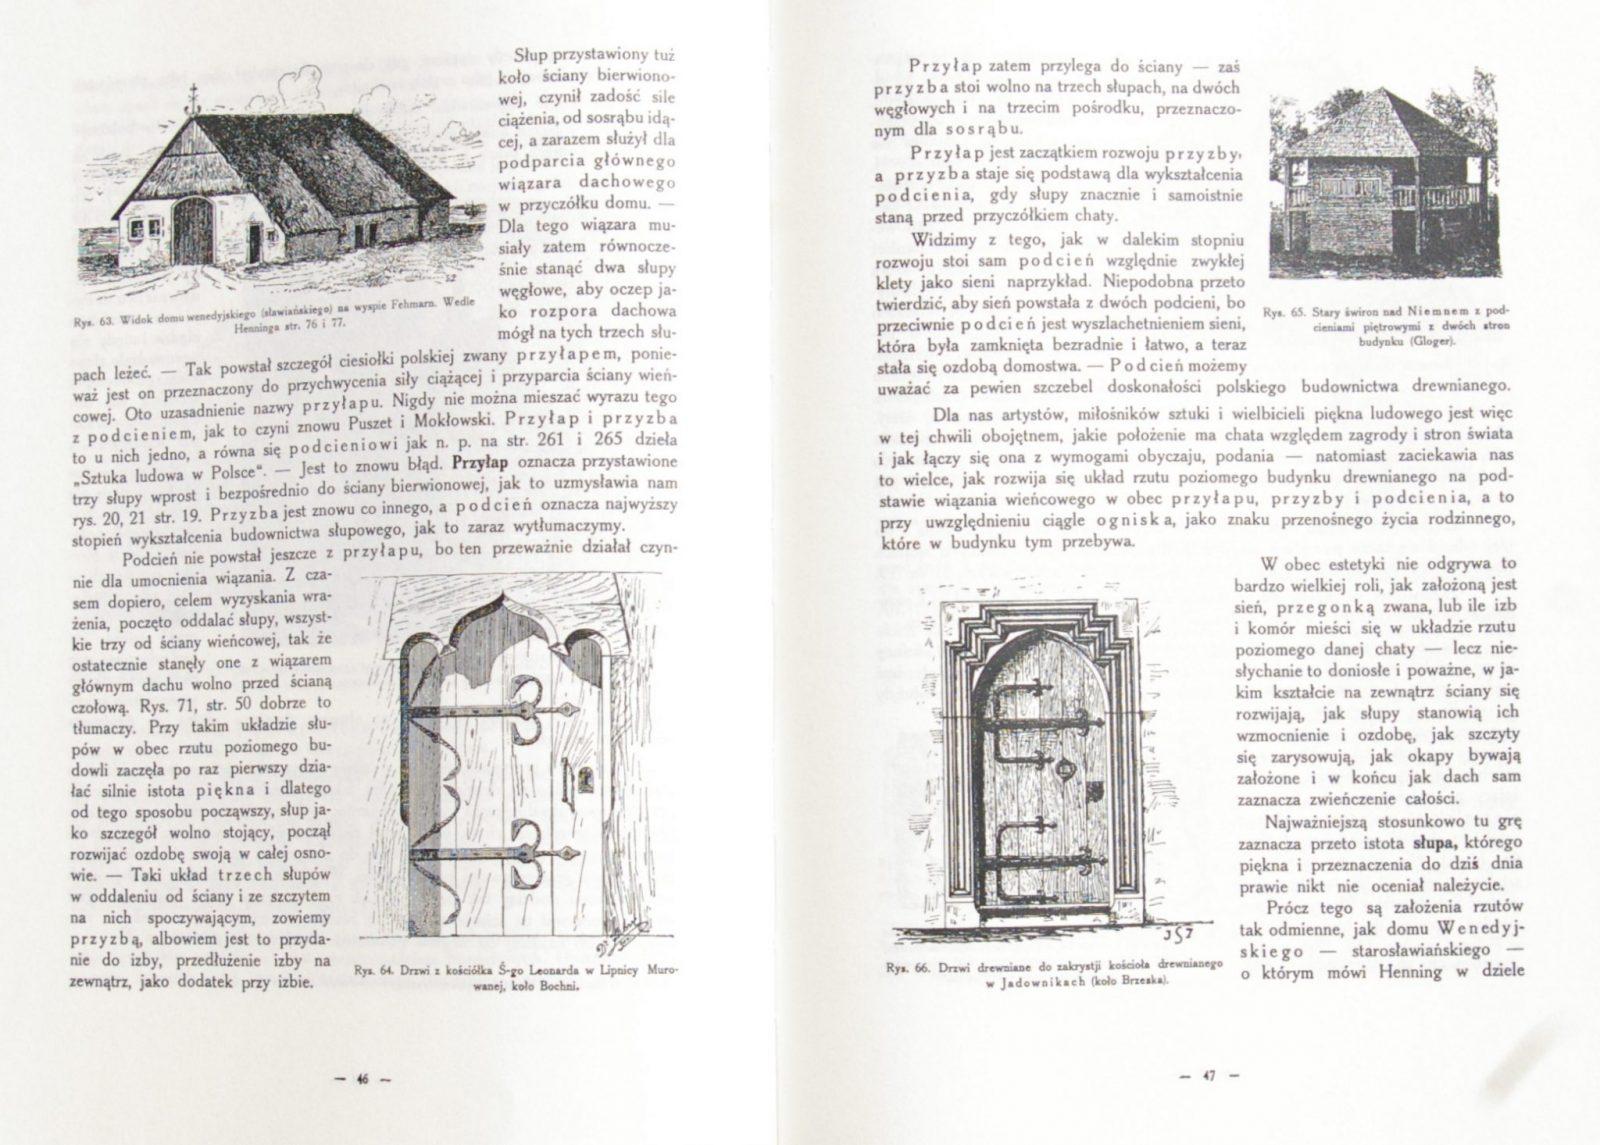 Polskie budownictwo drewniane (Reprint 1916)